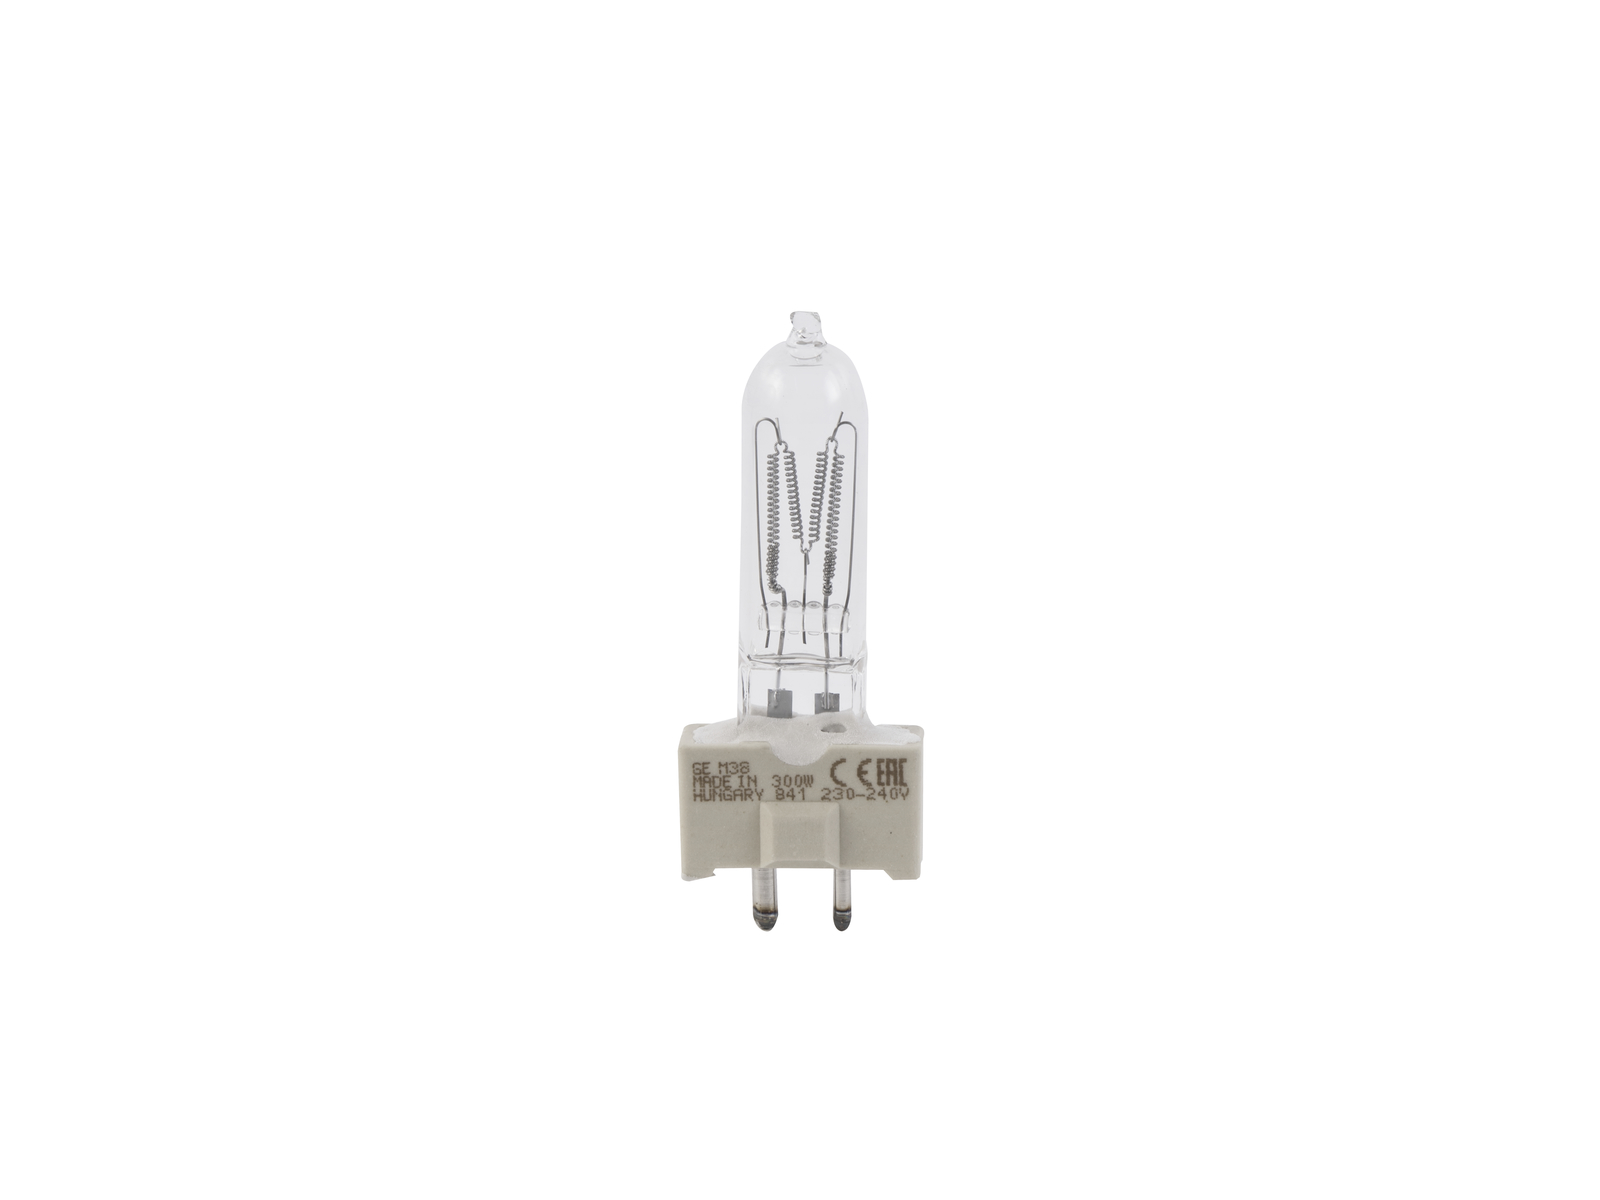 230V/300W GY 9,5 CP81 FSK GE